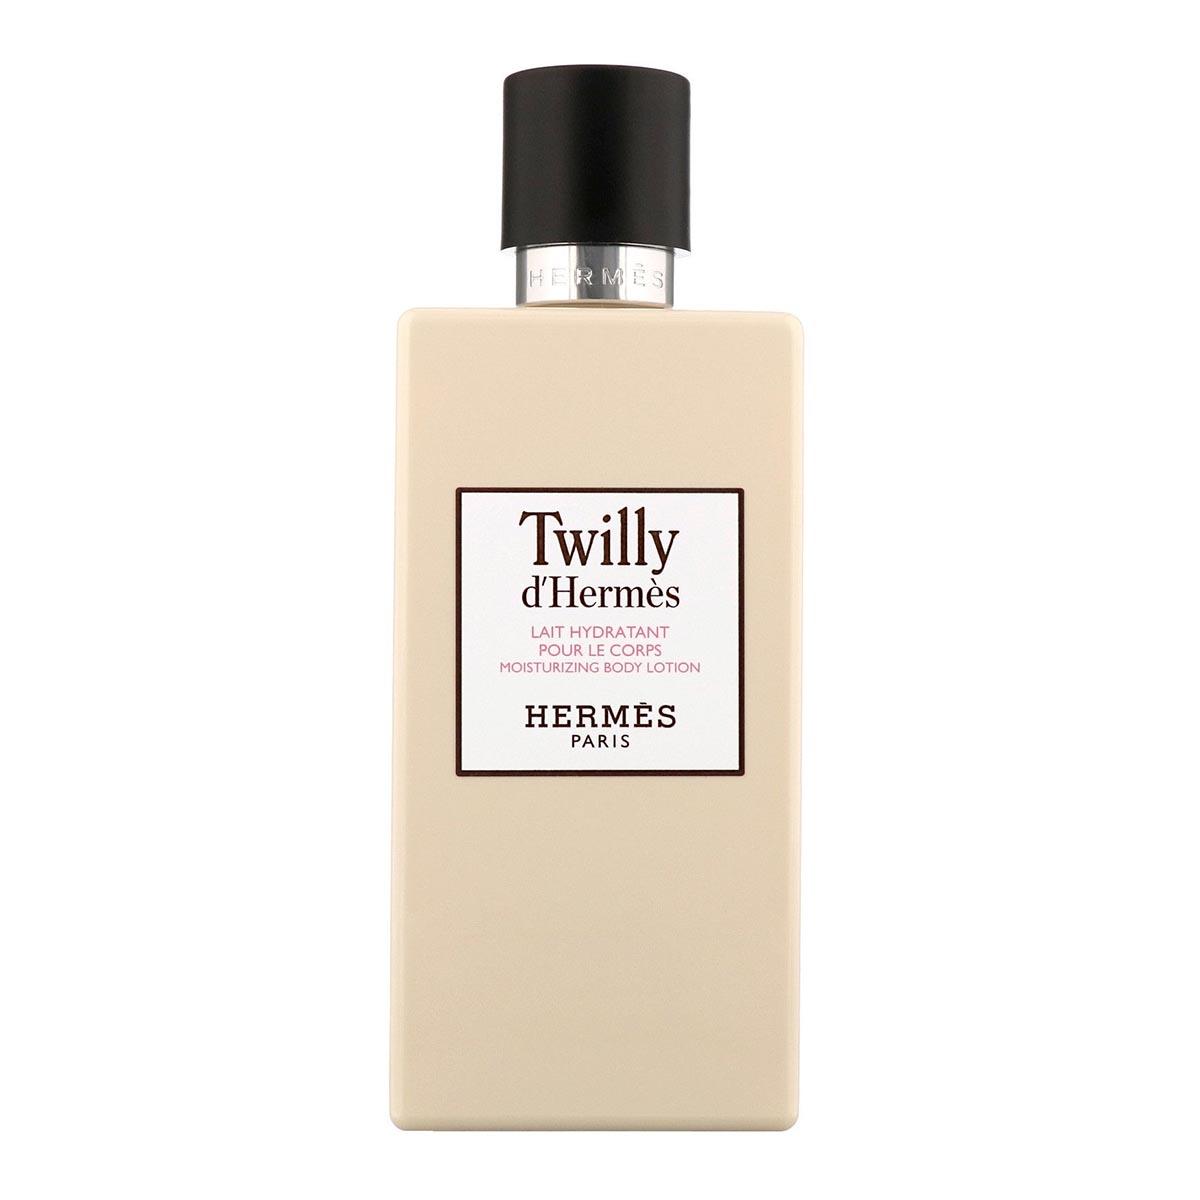 Hermes twilly d hermes moisturizing body lotion 200ml